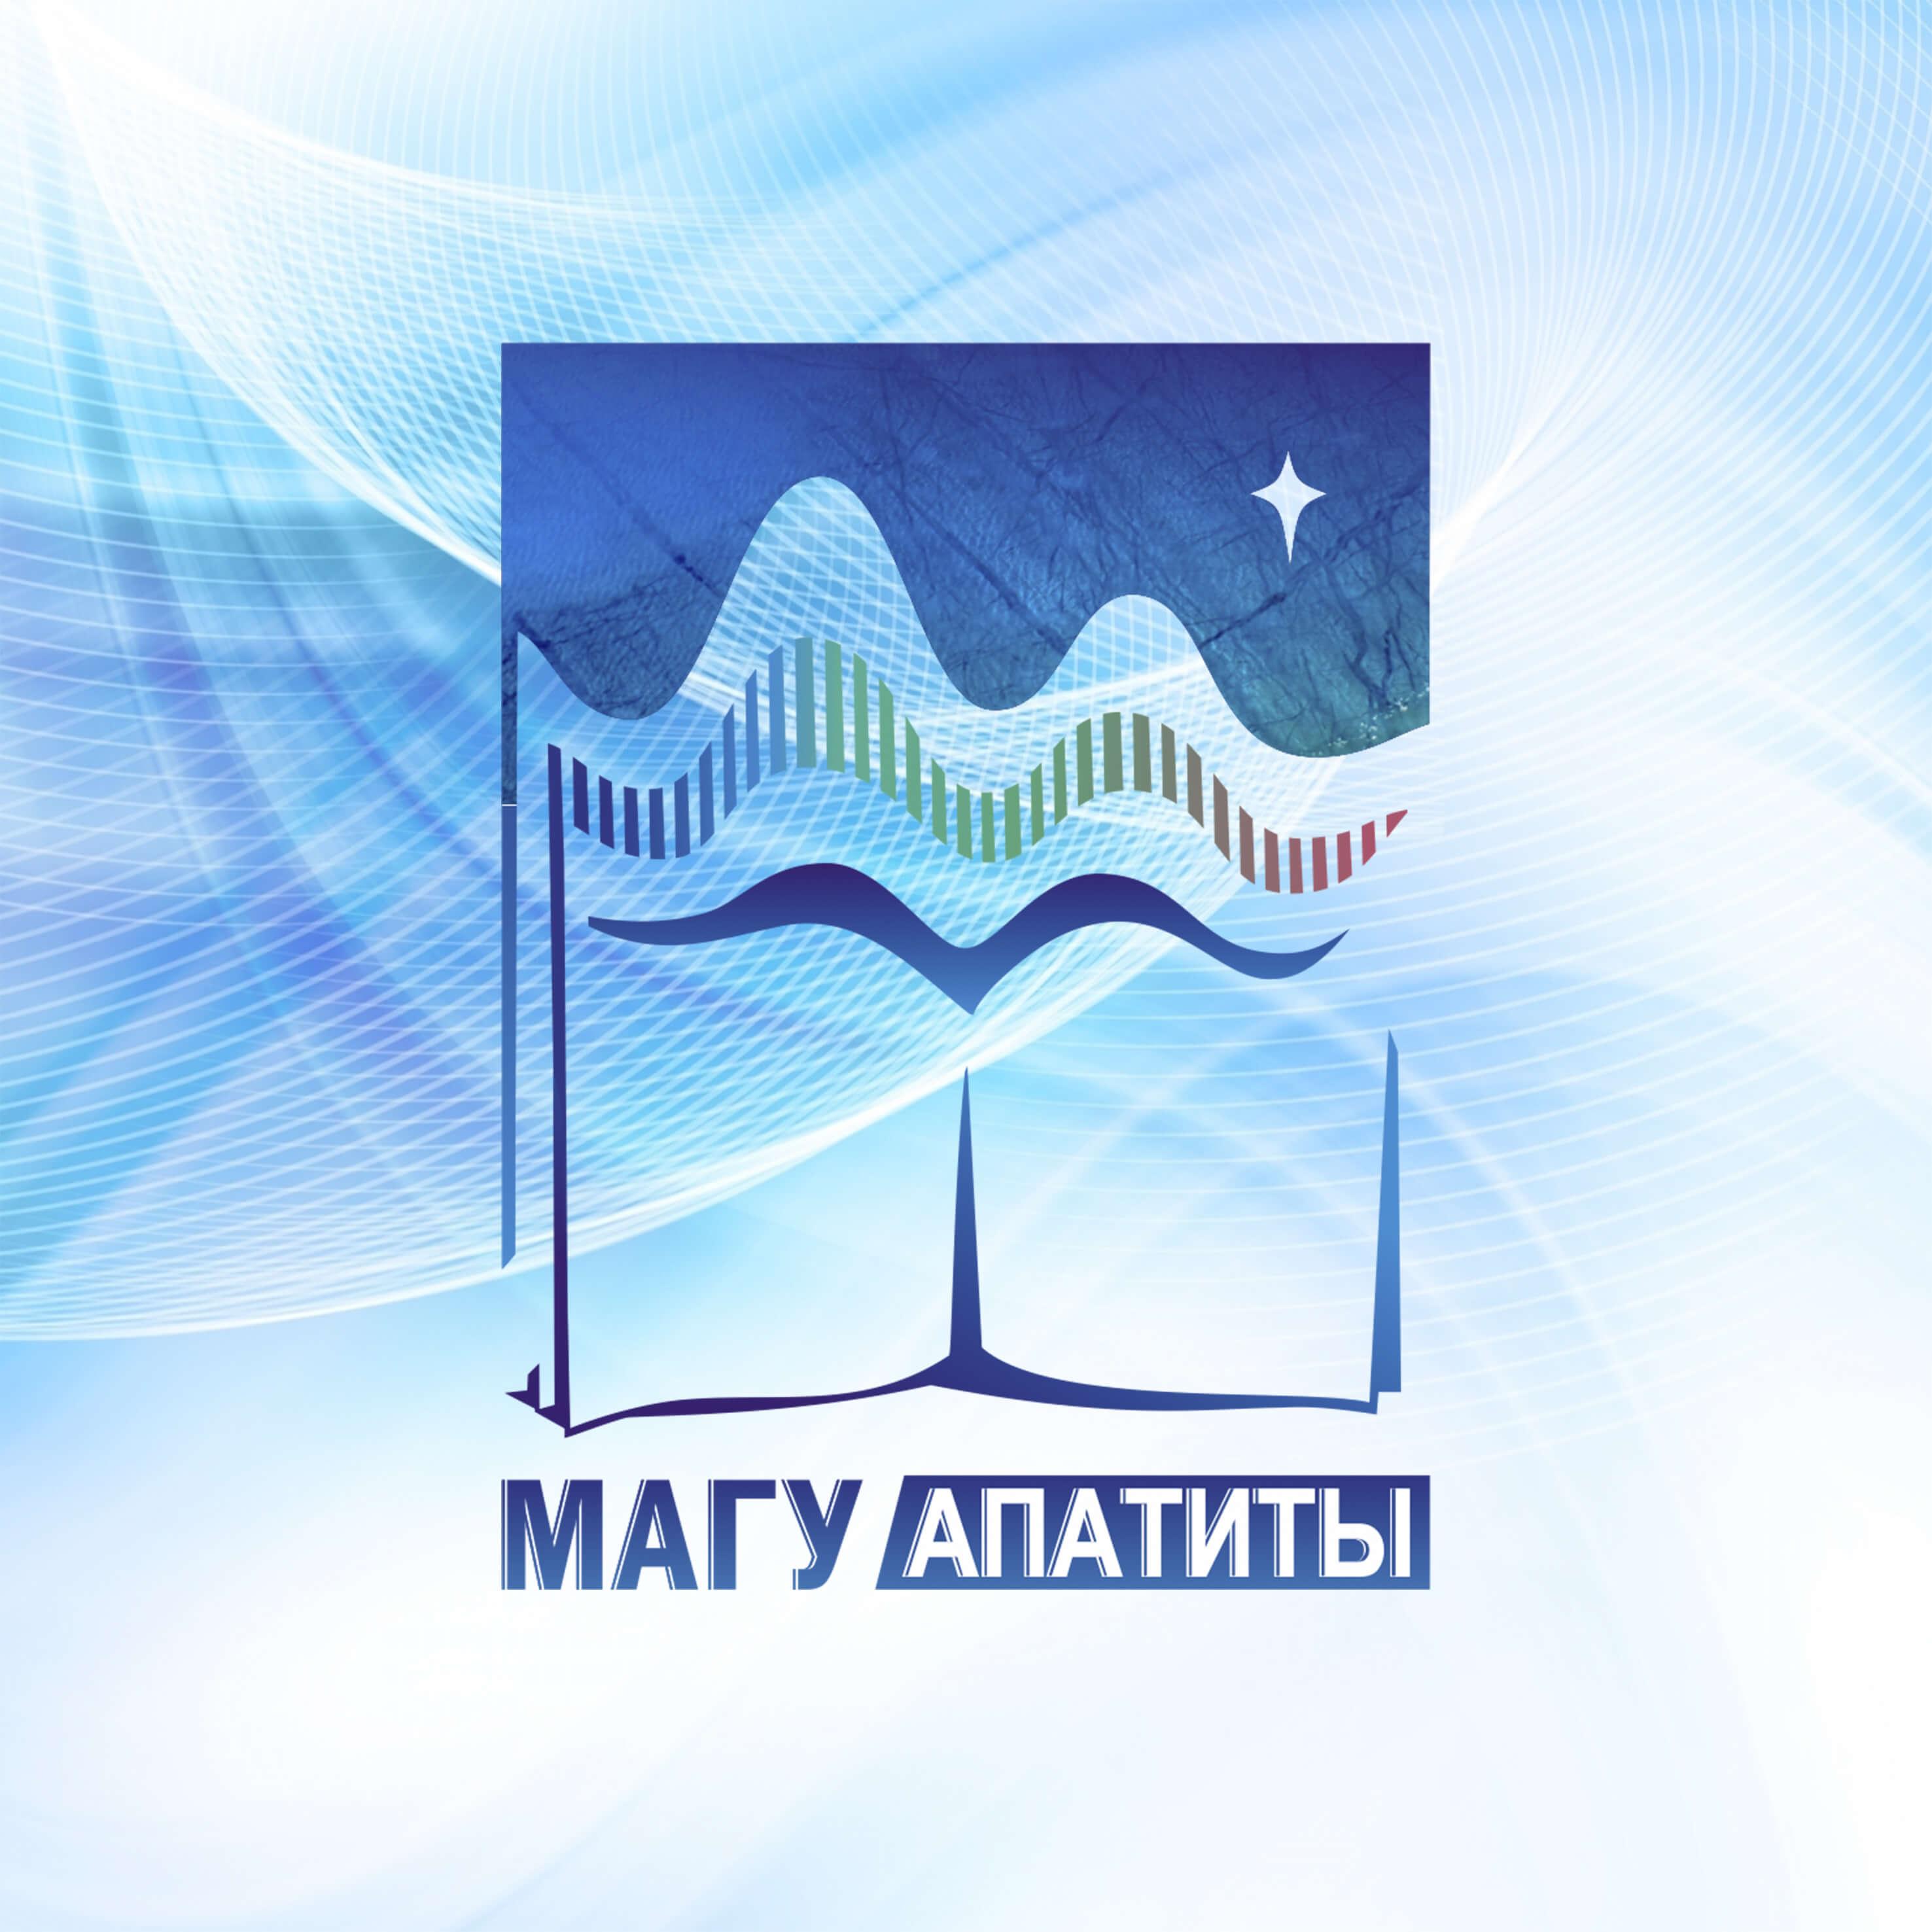 Губернатор наградил преподавателей кировского и апатитского филиалов МАГУ